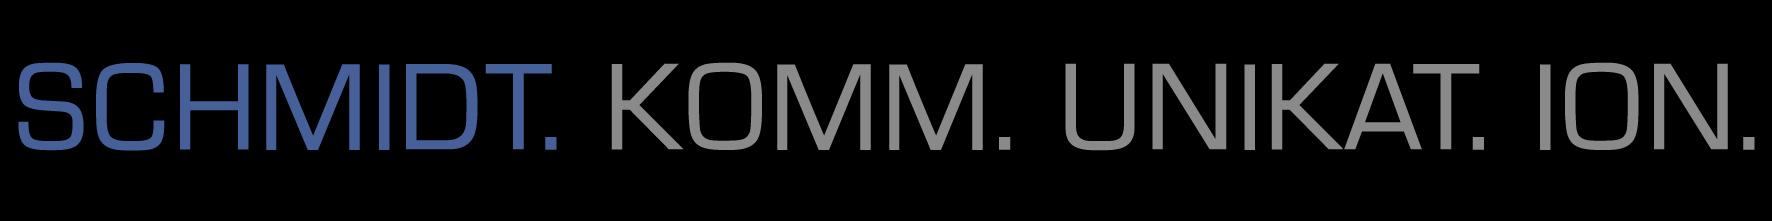 realisation-logo Kopie.jpg